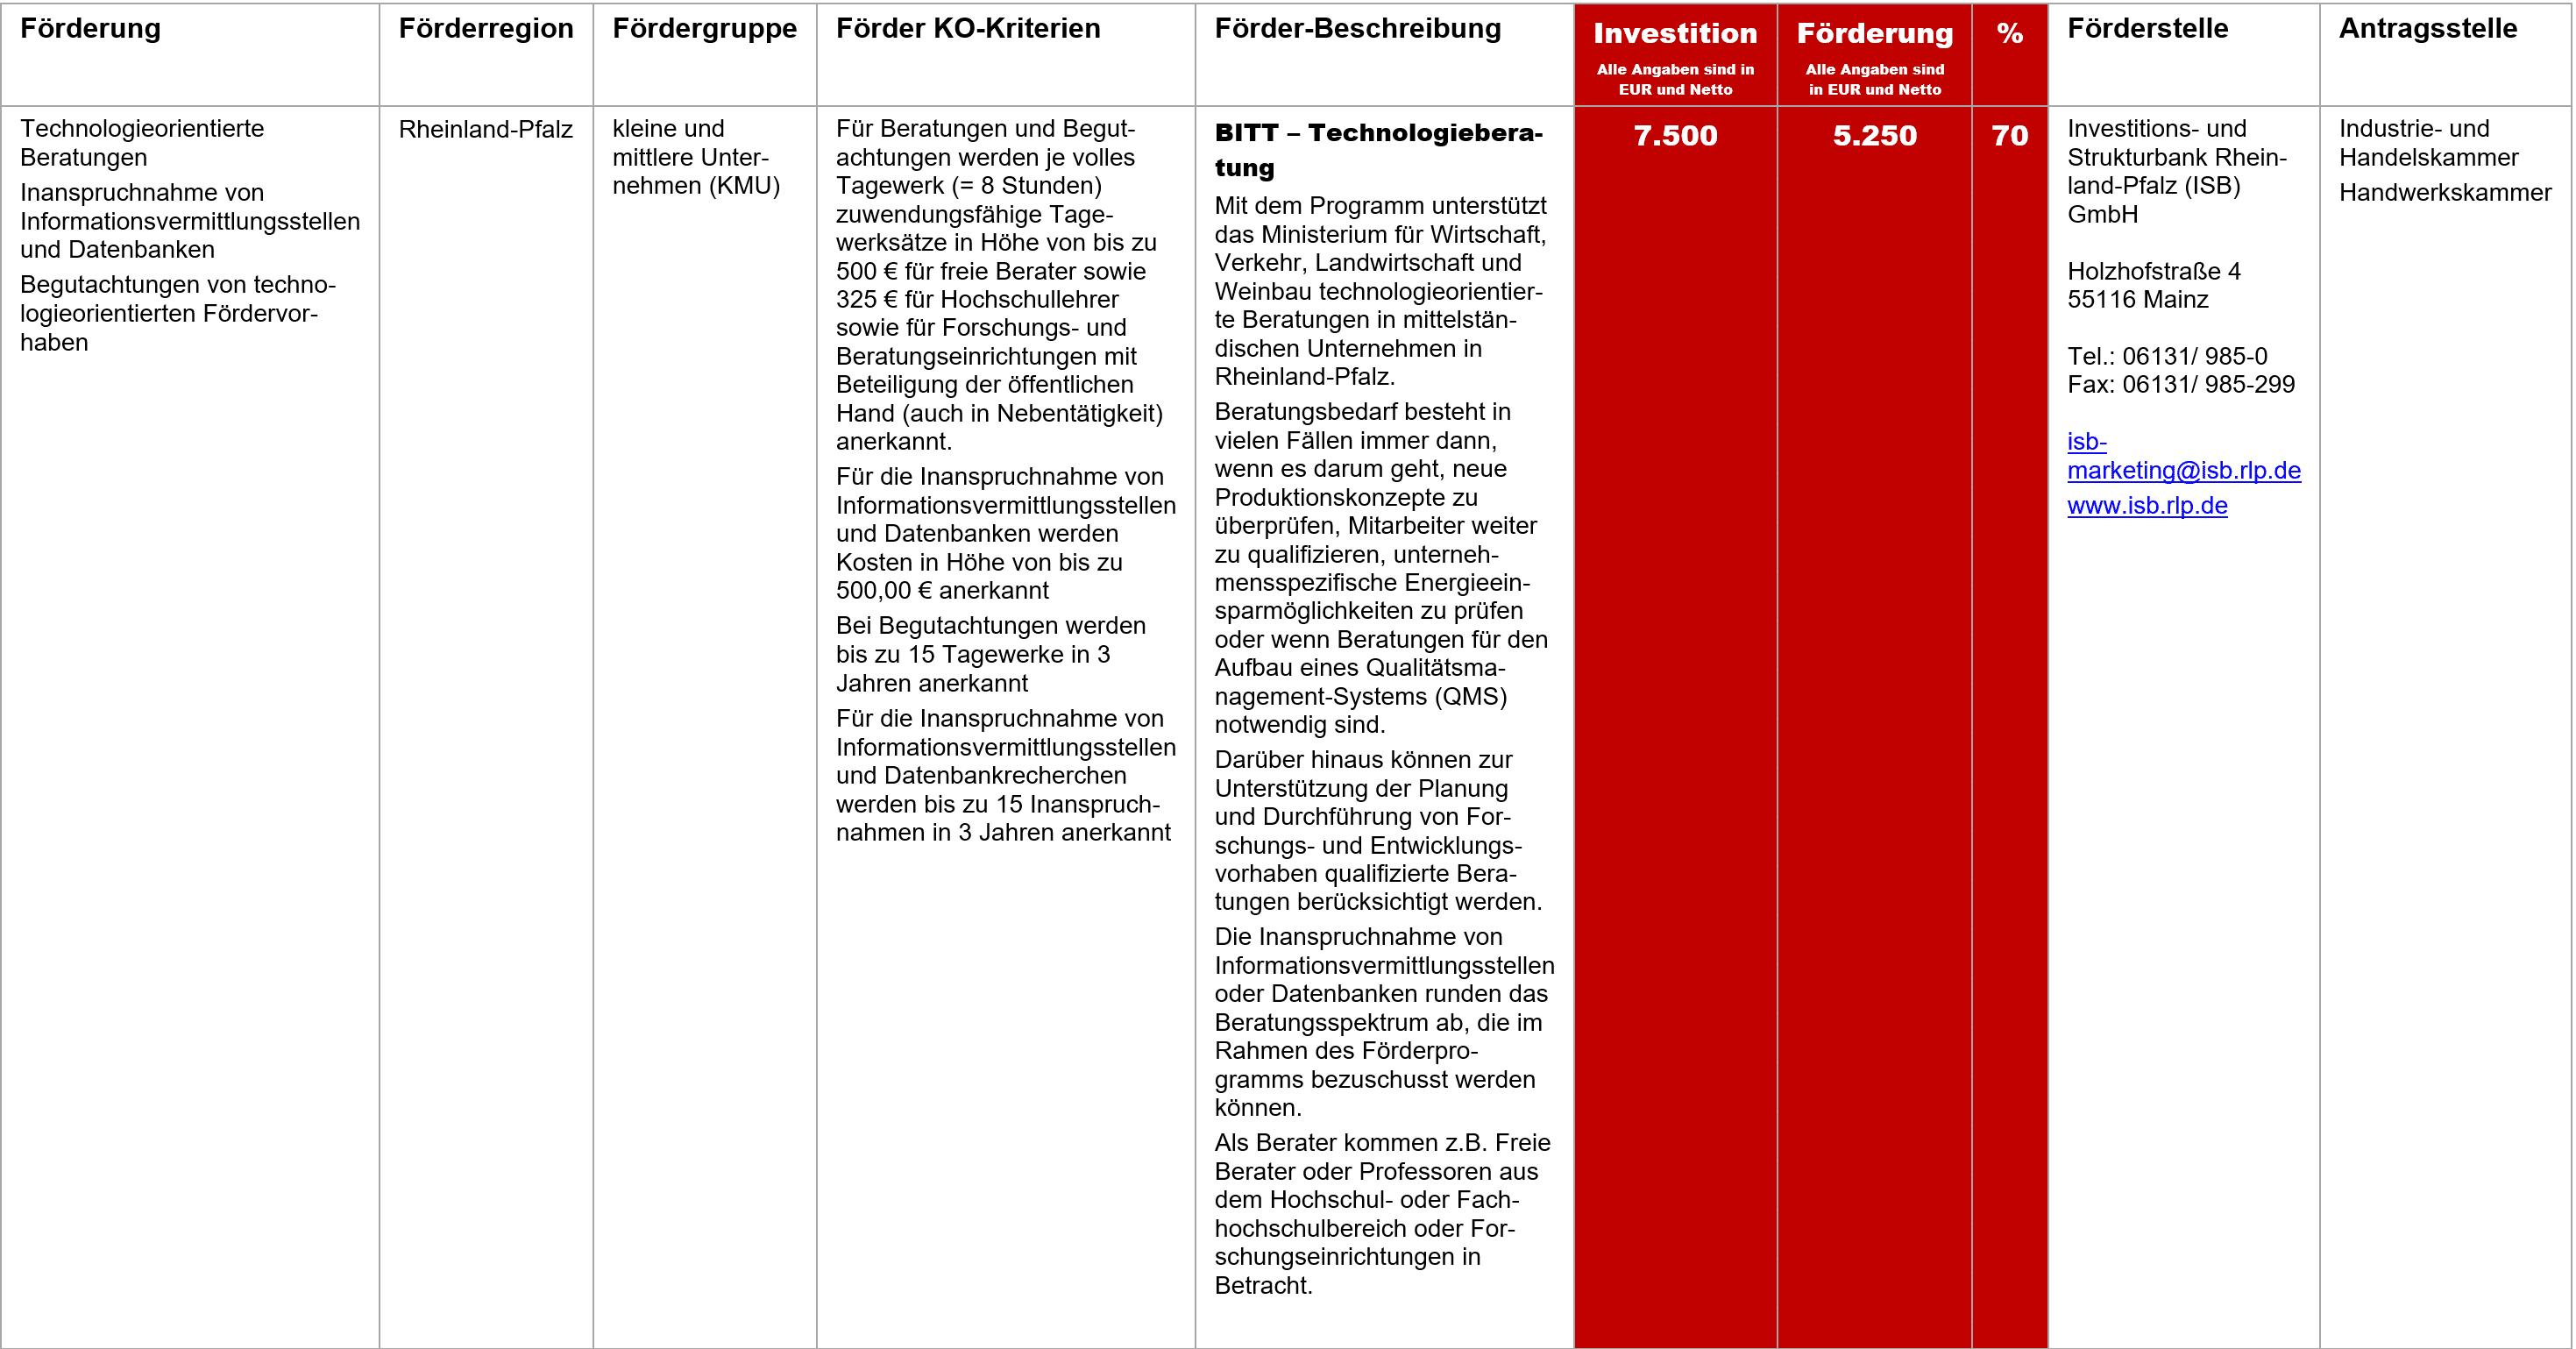 BITT Technologieberatung, Fördermittel – BITT – Technologieberatung